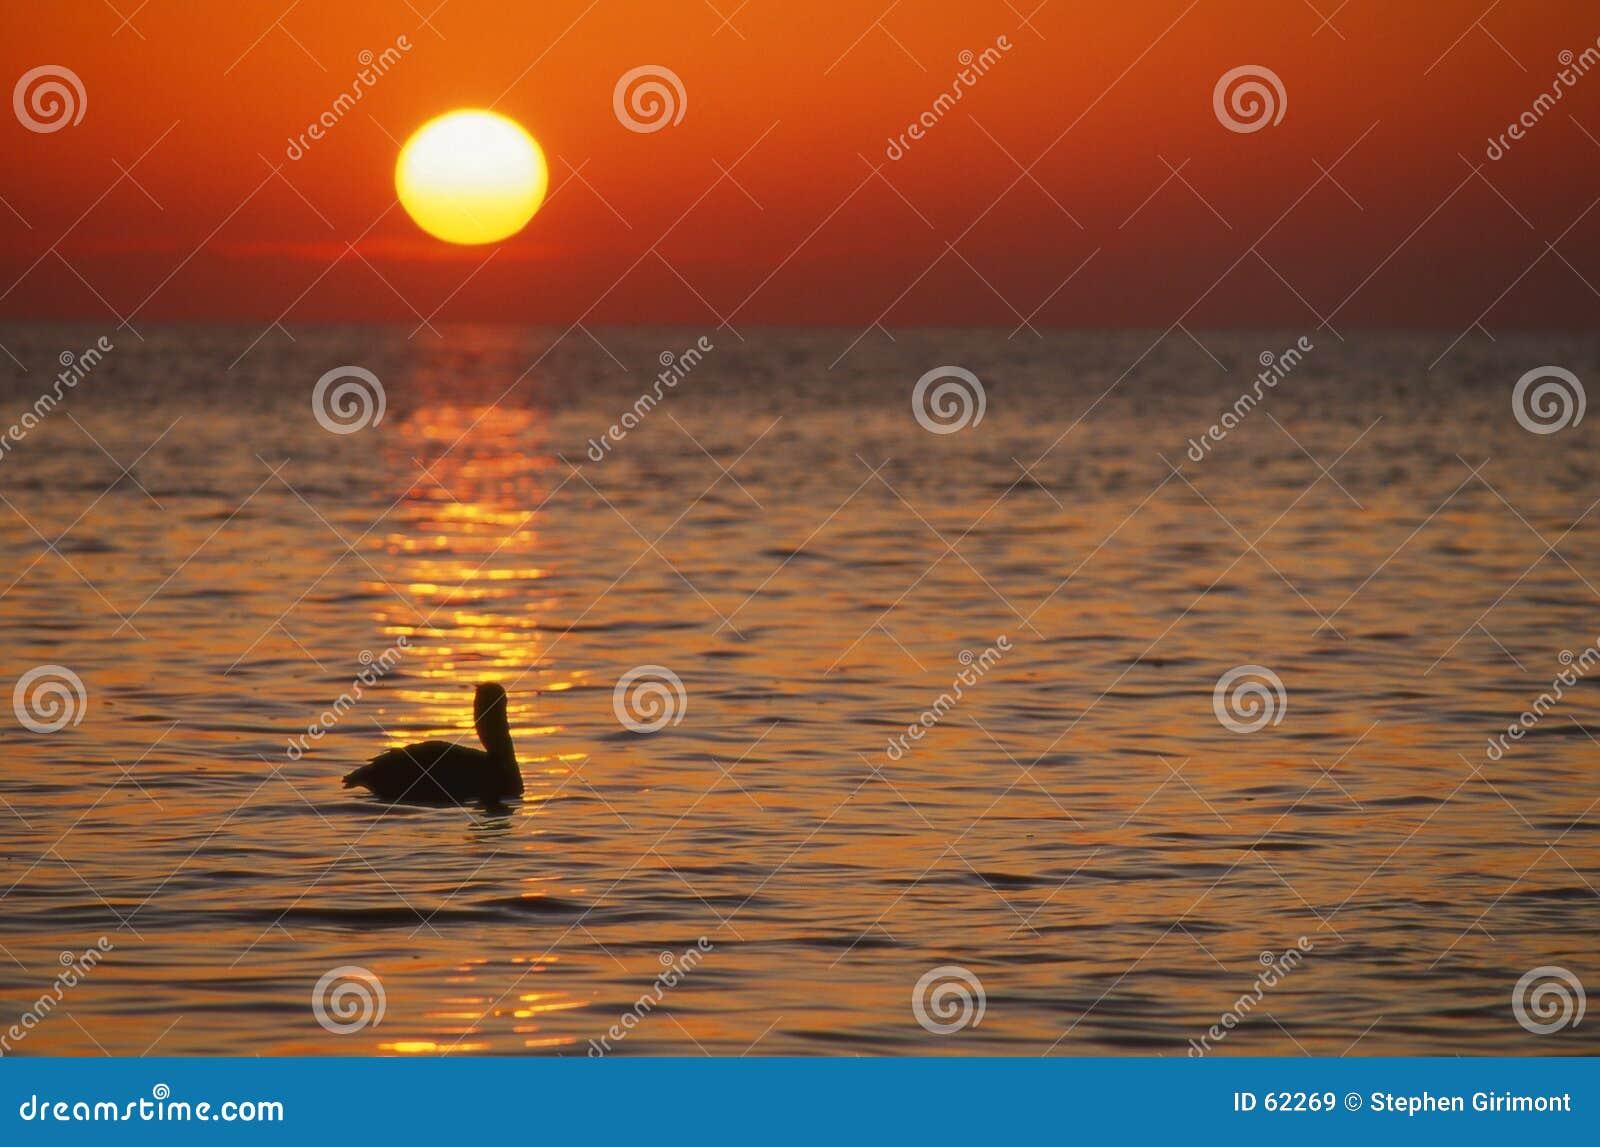 Pellicano ad alba, tasti della Florida, orizzontali